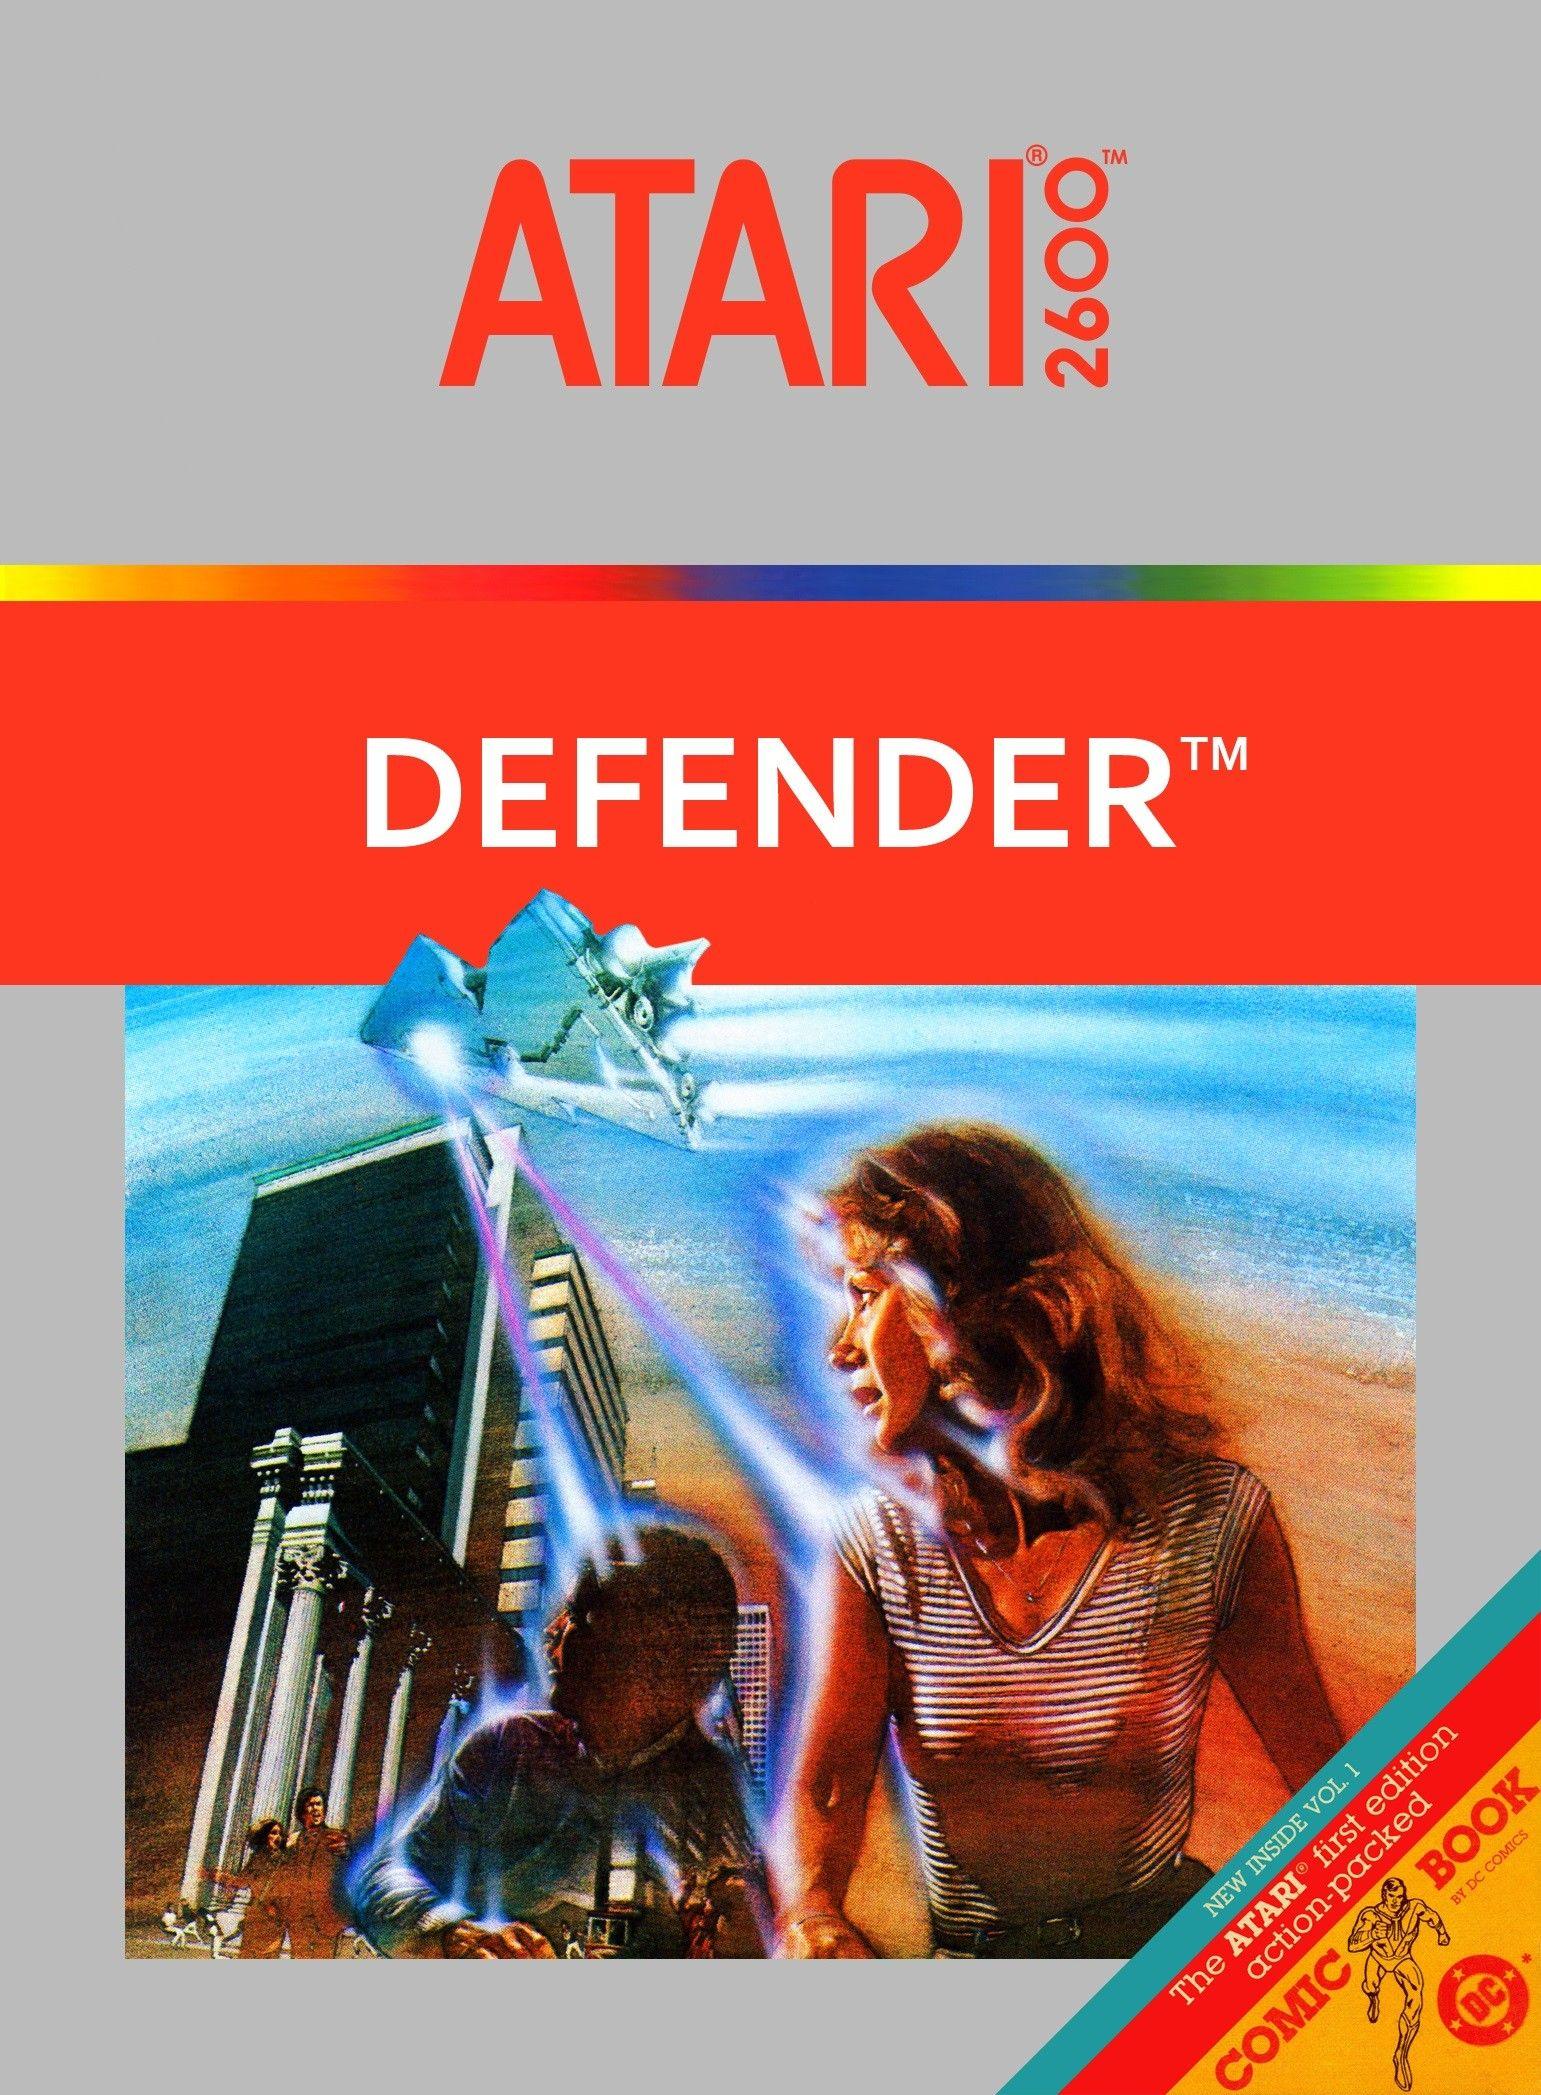 Atari 2600 Defender game